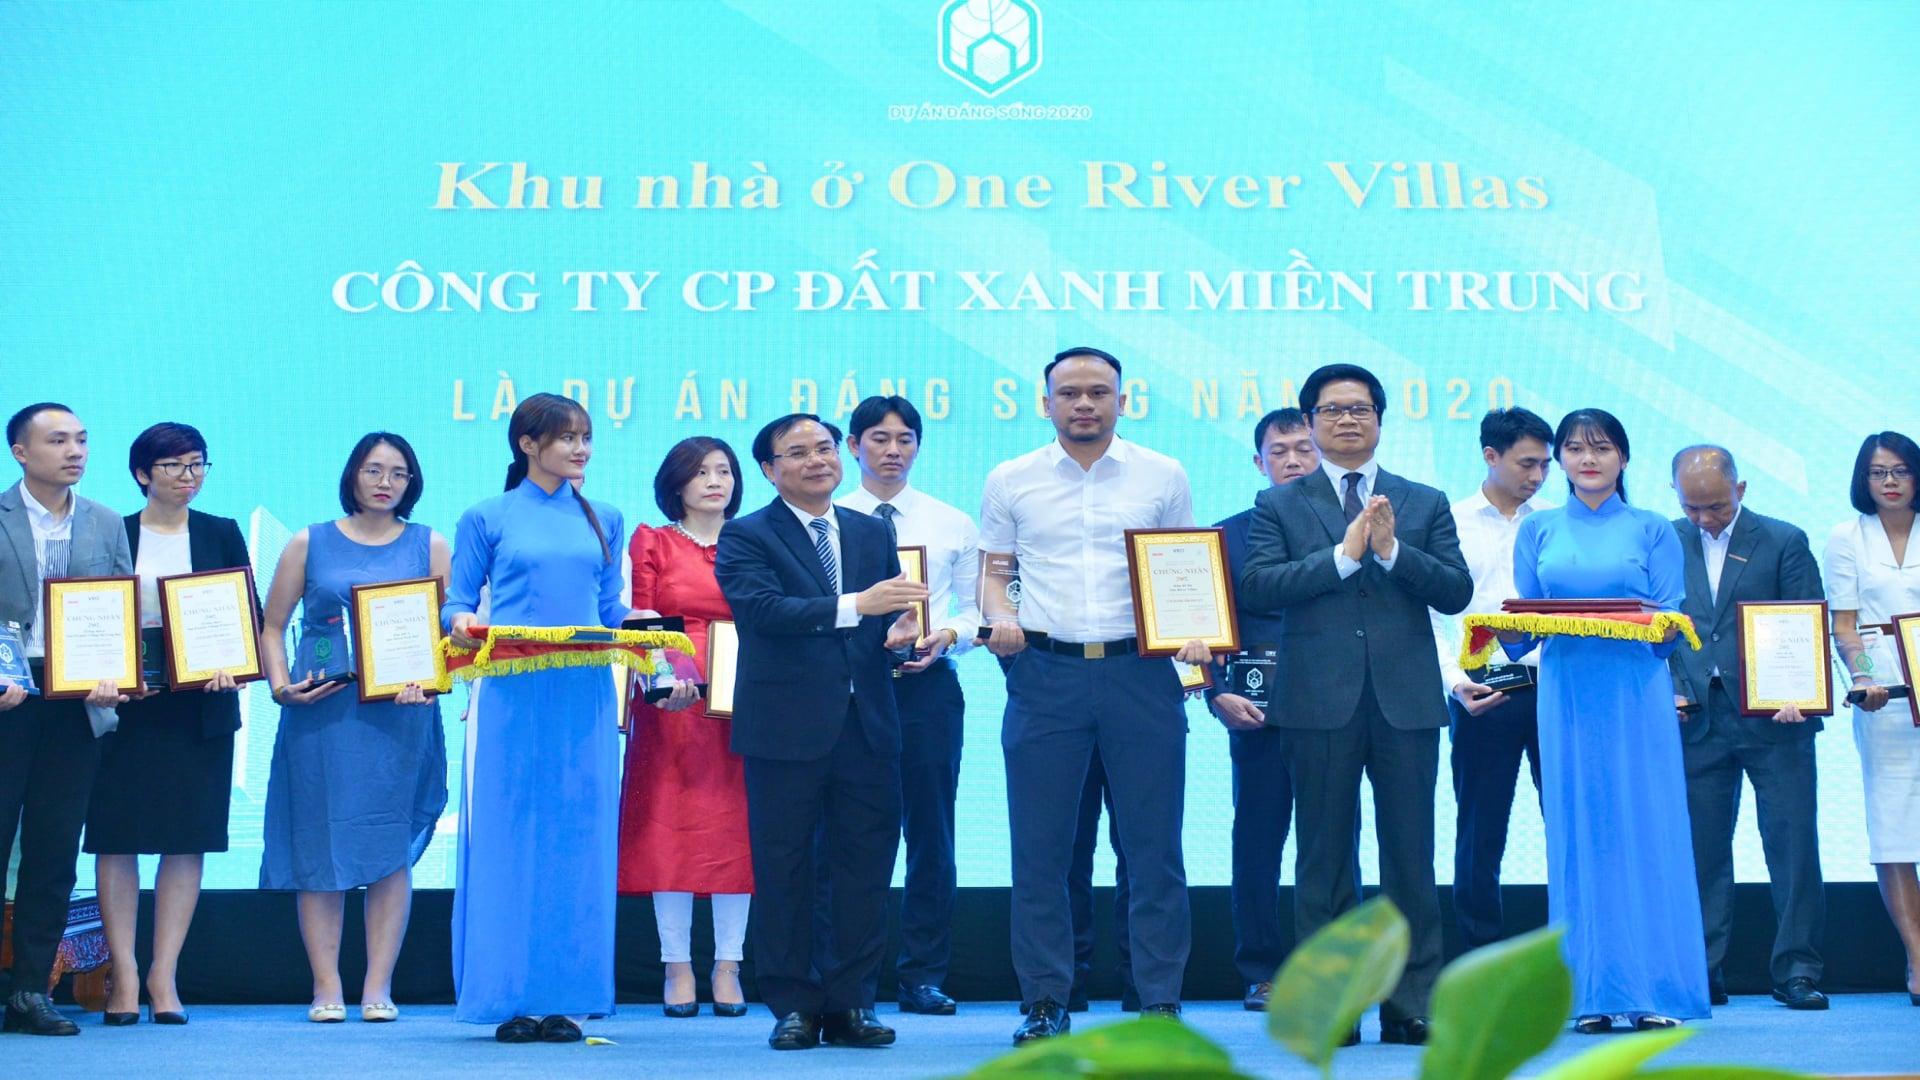 """Bất động sản - Giải thưởng danh giá """"Dự án Đáng sống 2020"""" gọi tên ONE RIVER VILLAS của Đất Xanh Miền Trung"""